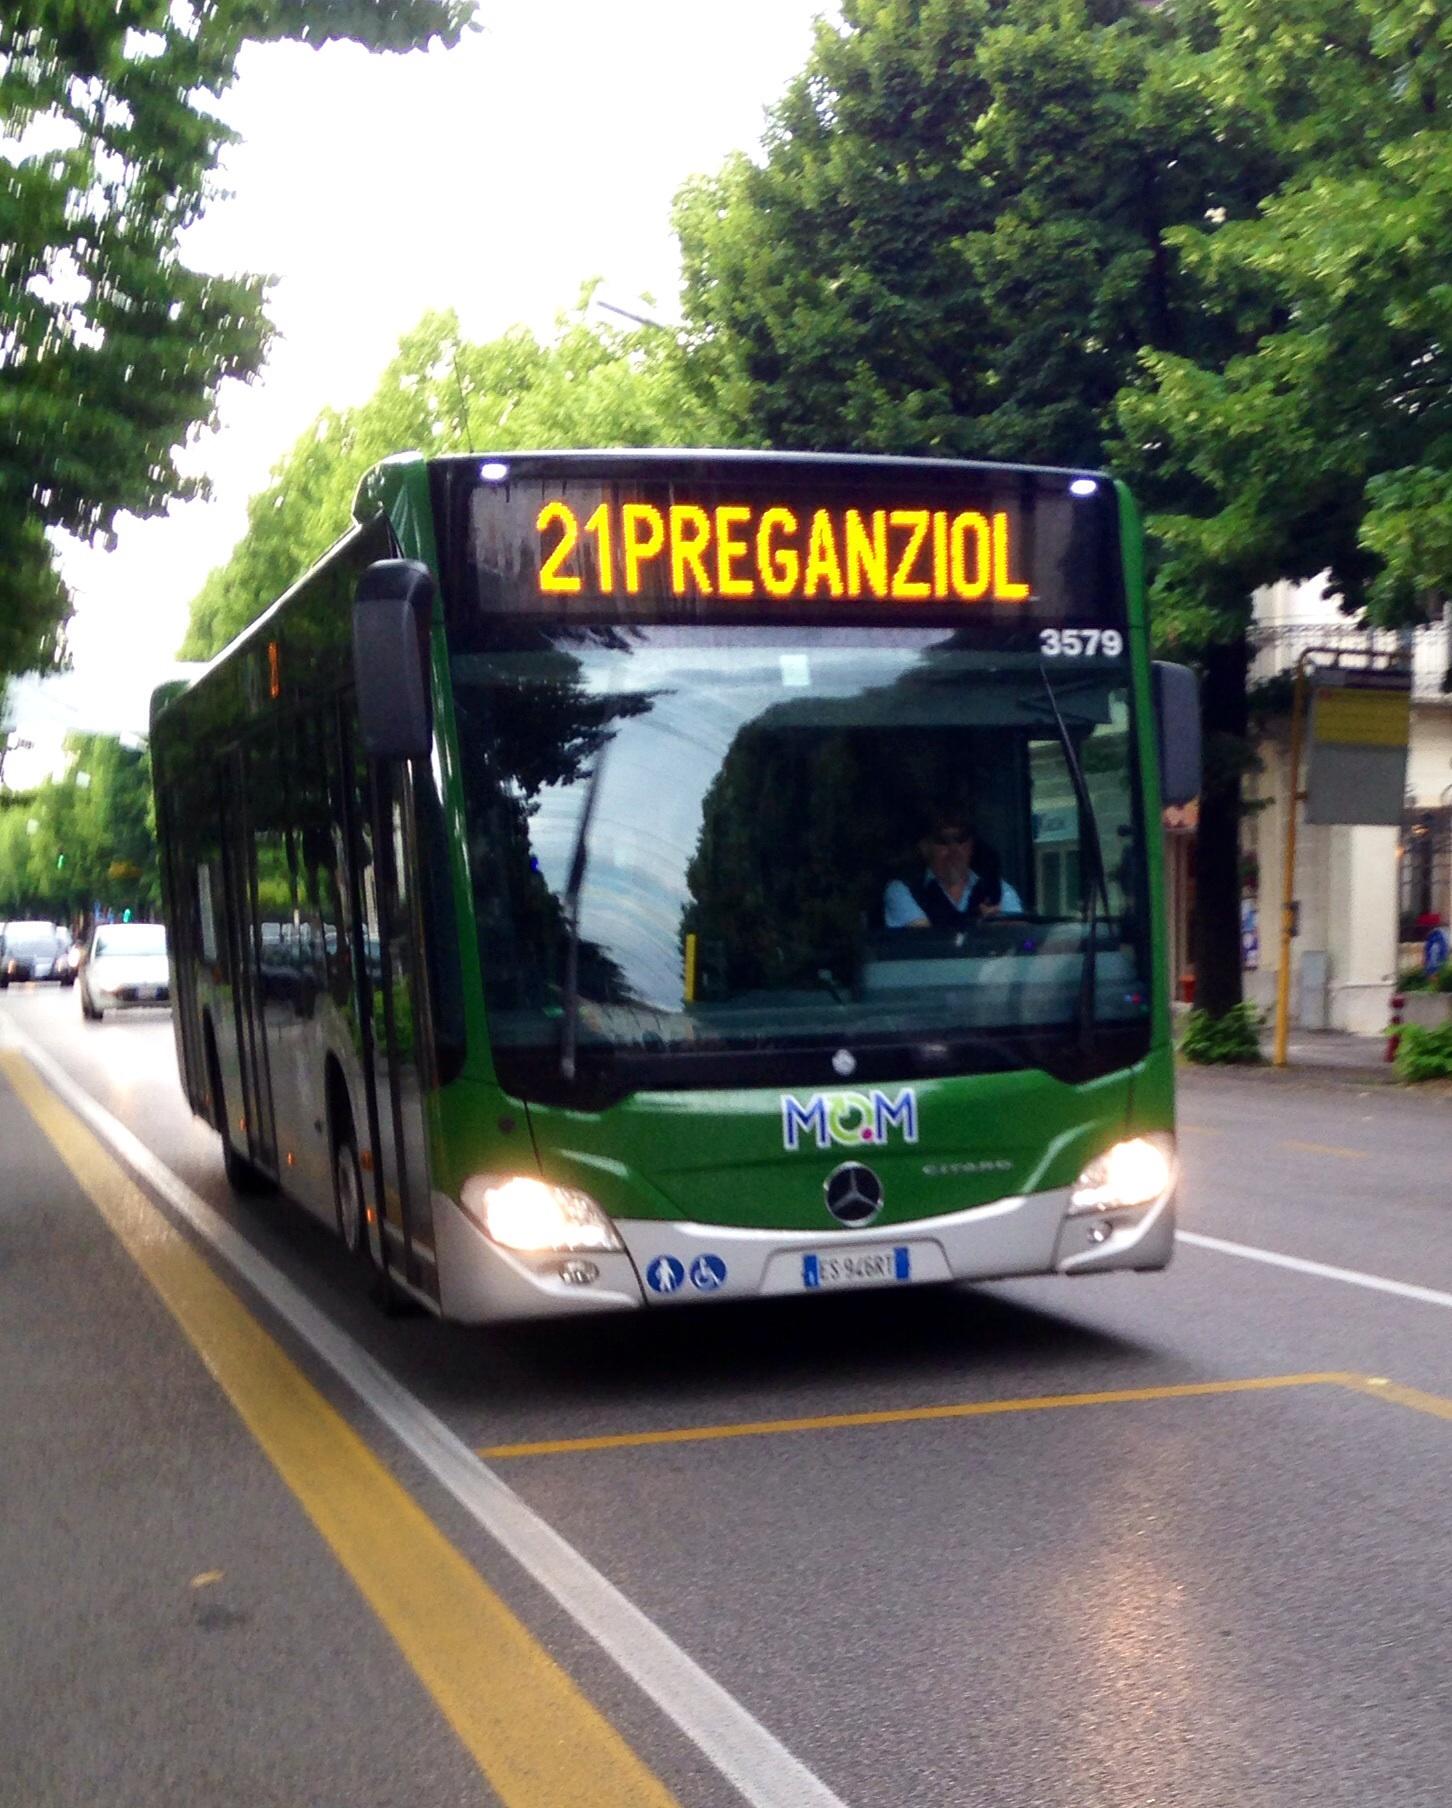 File:Autobus Linea 21 (direzione Preganziol) di MOM Mobilitá di ...